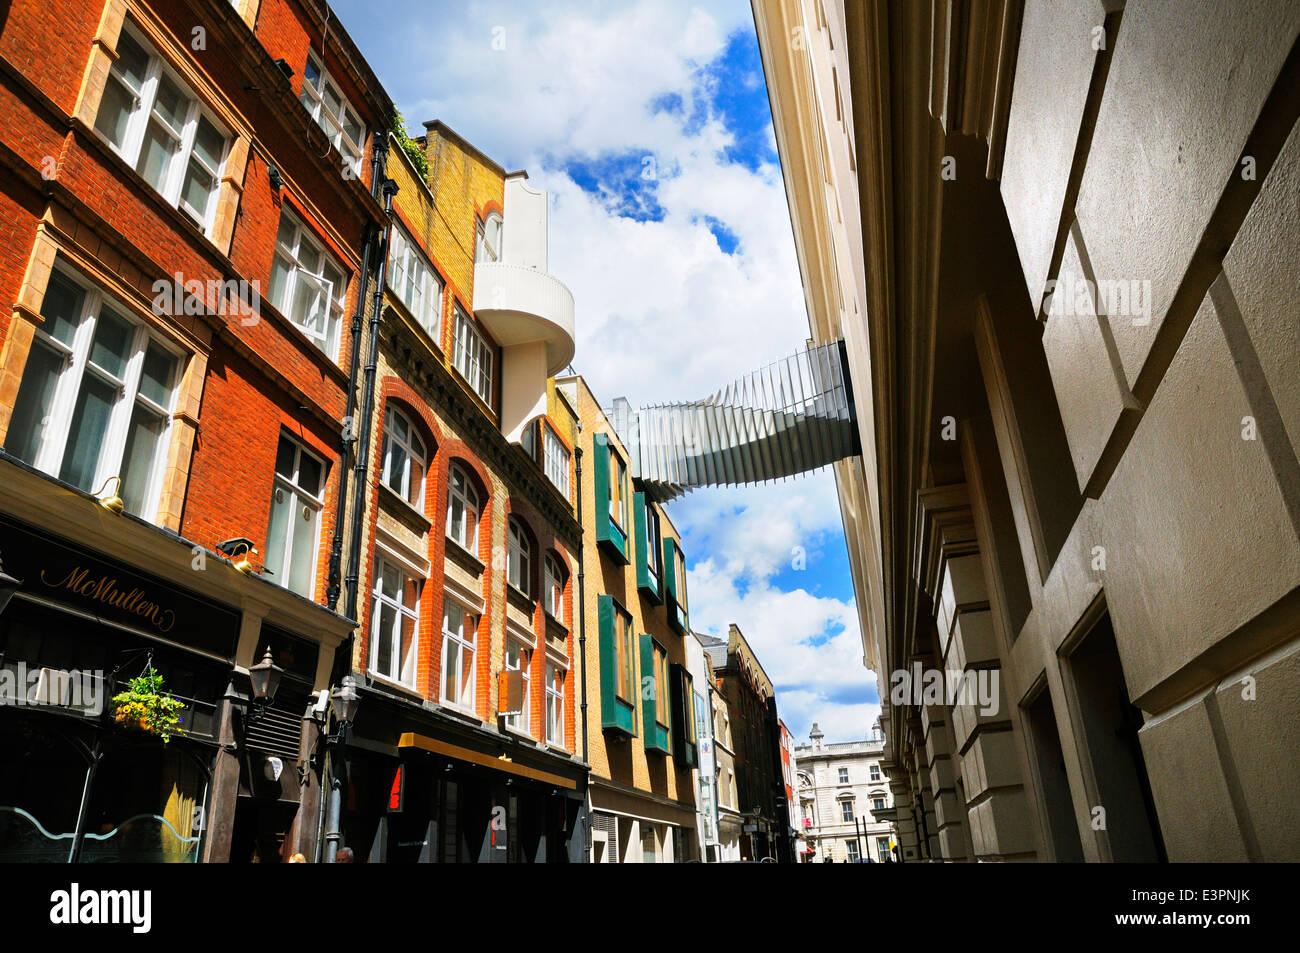 Puente de conexión de aspiración de la Royal Opera House y la Royal Ballet School, Floral Street, Covent Imagen De Stock